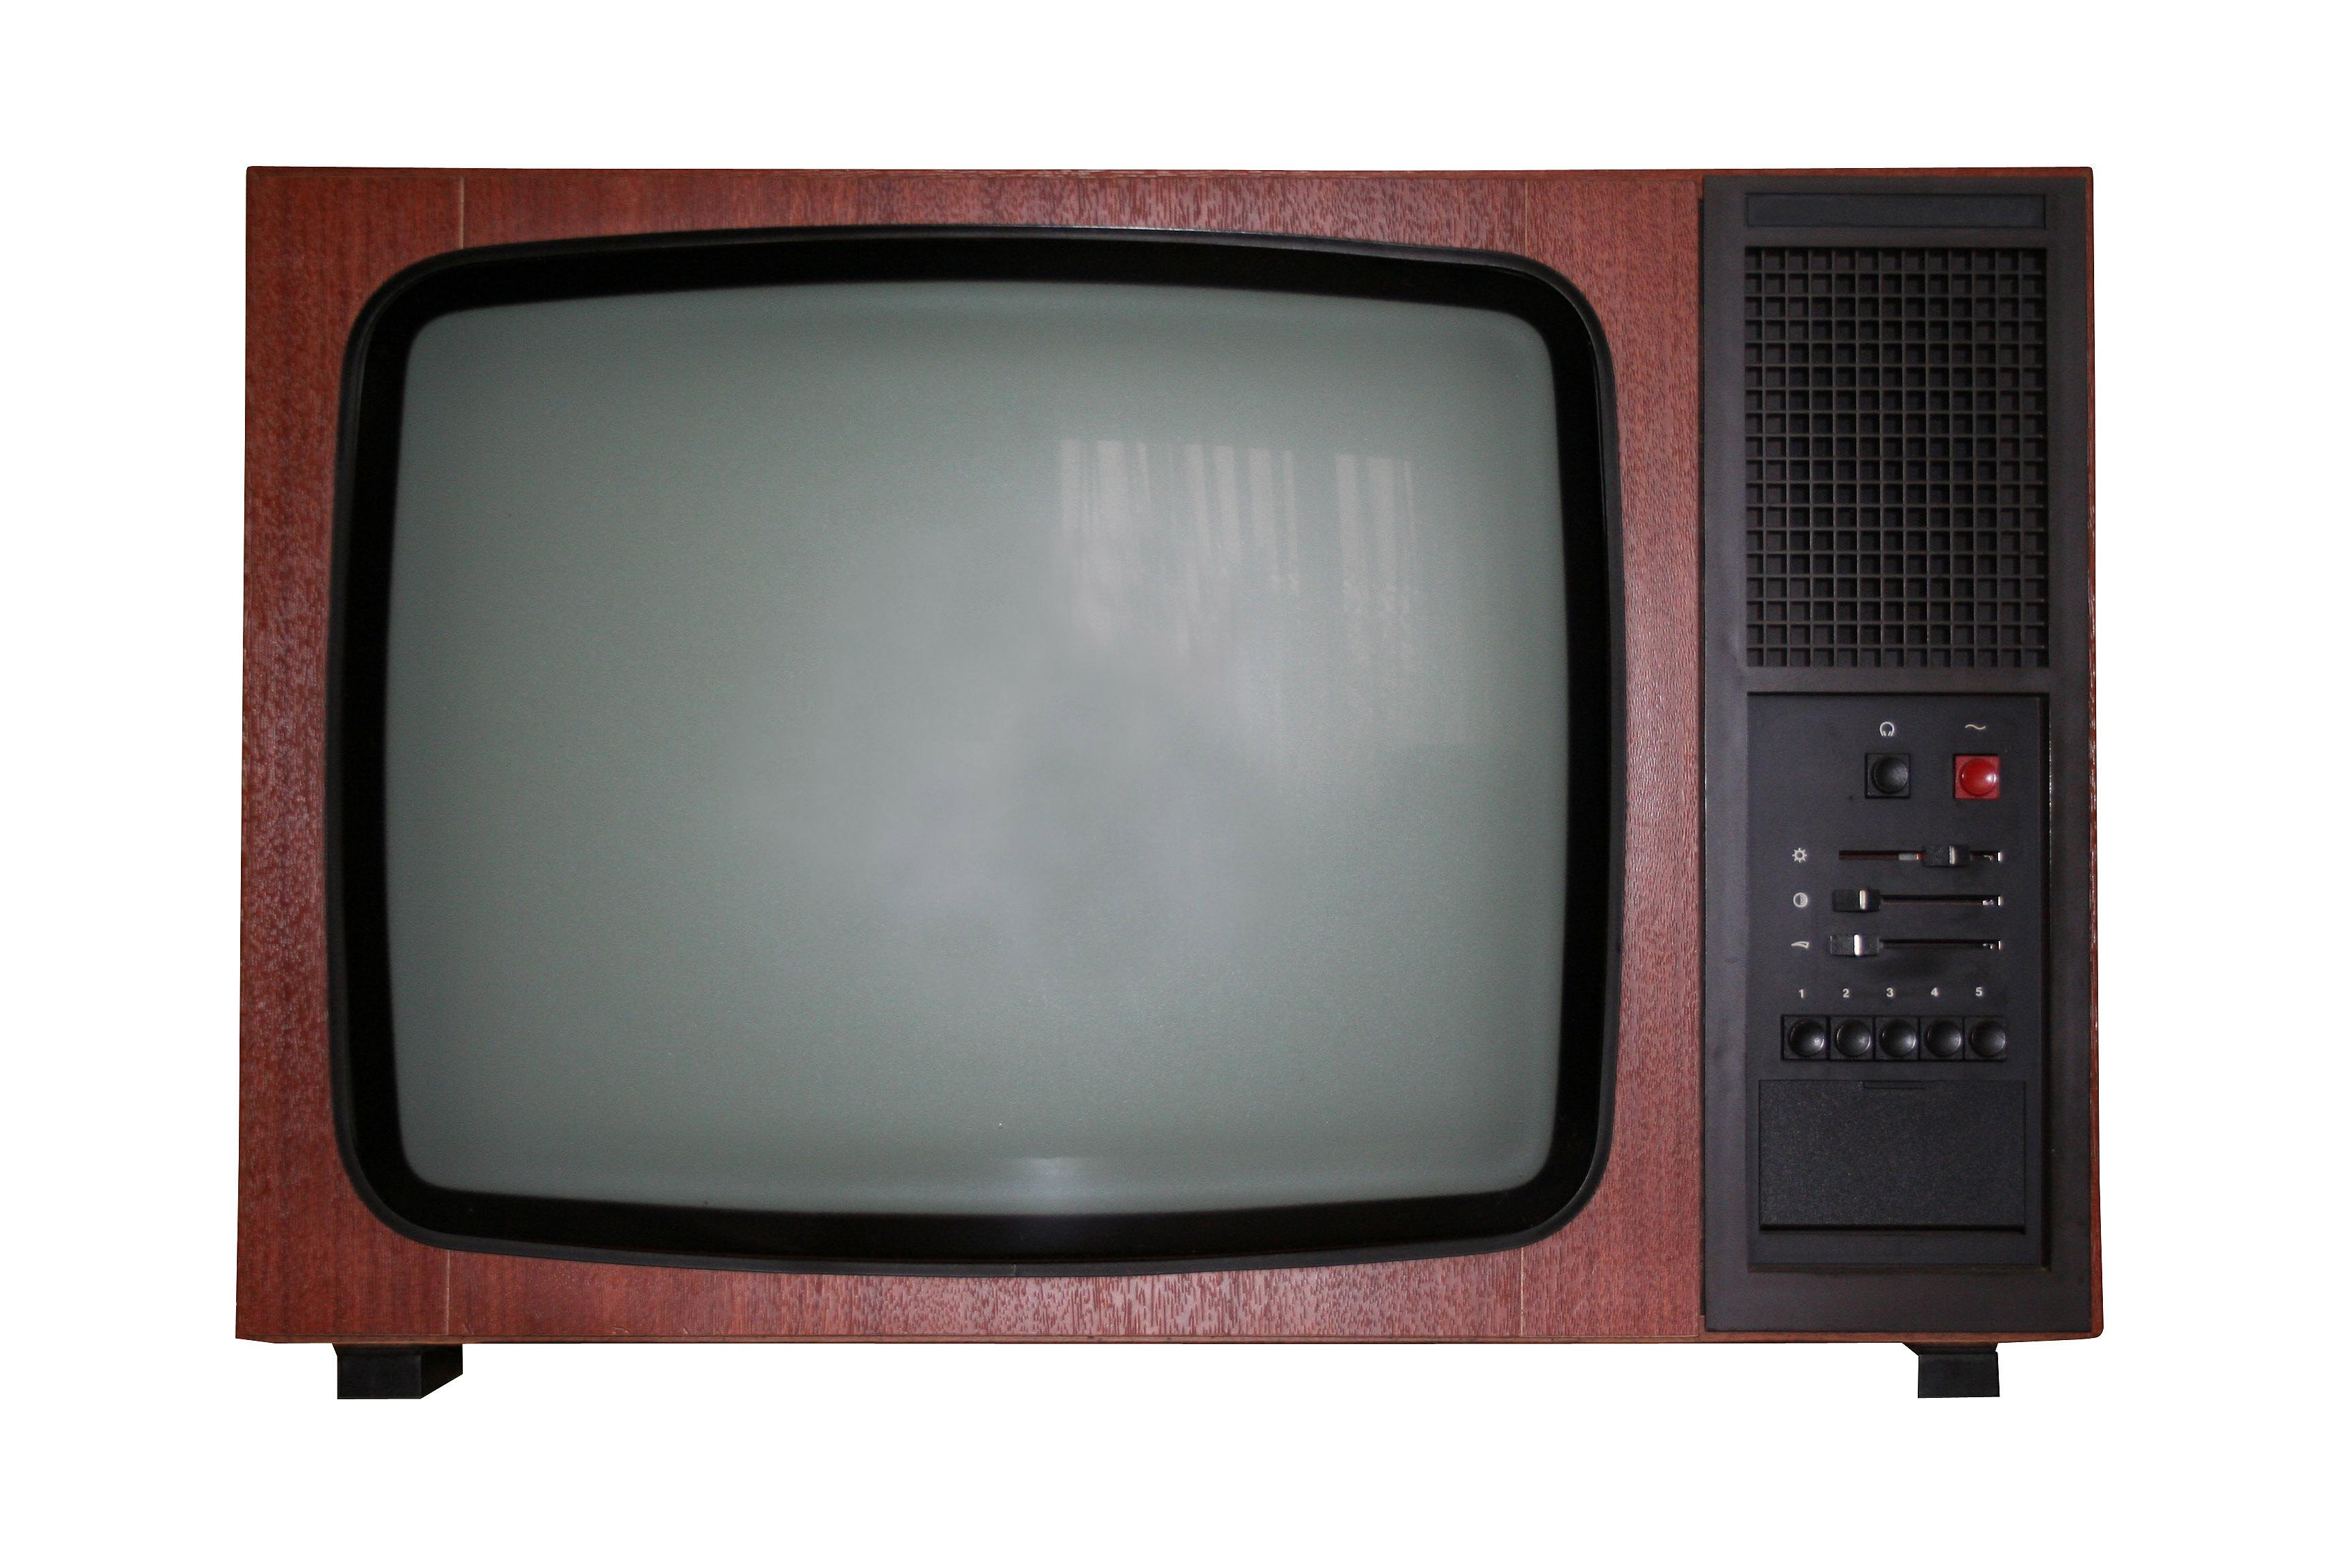 Televizyon Nedir? Televizyonun Çalışma Prensibi